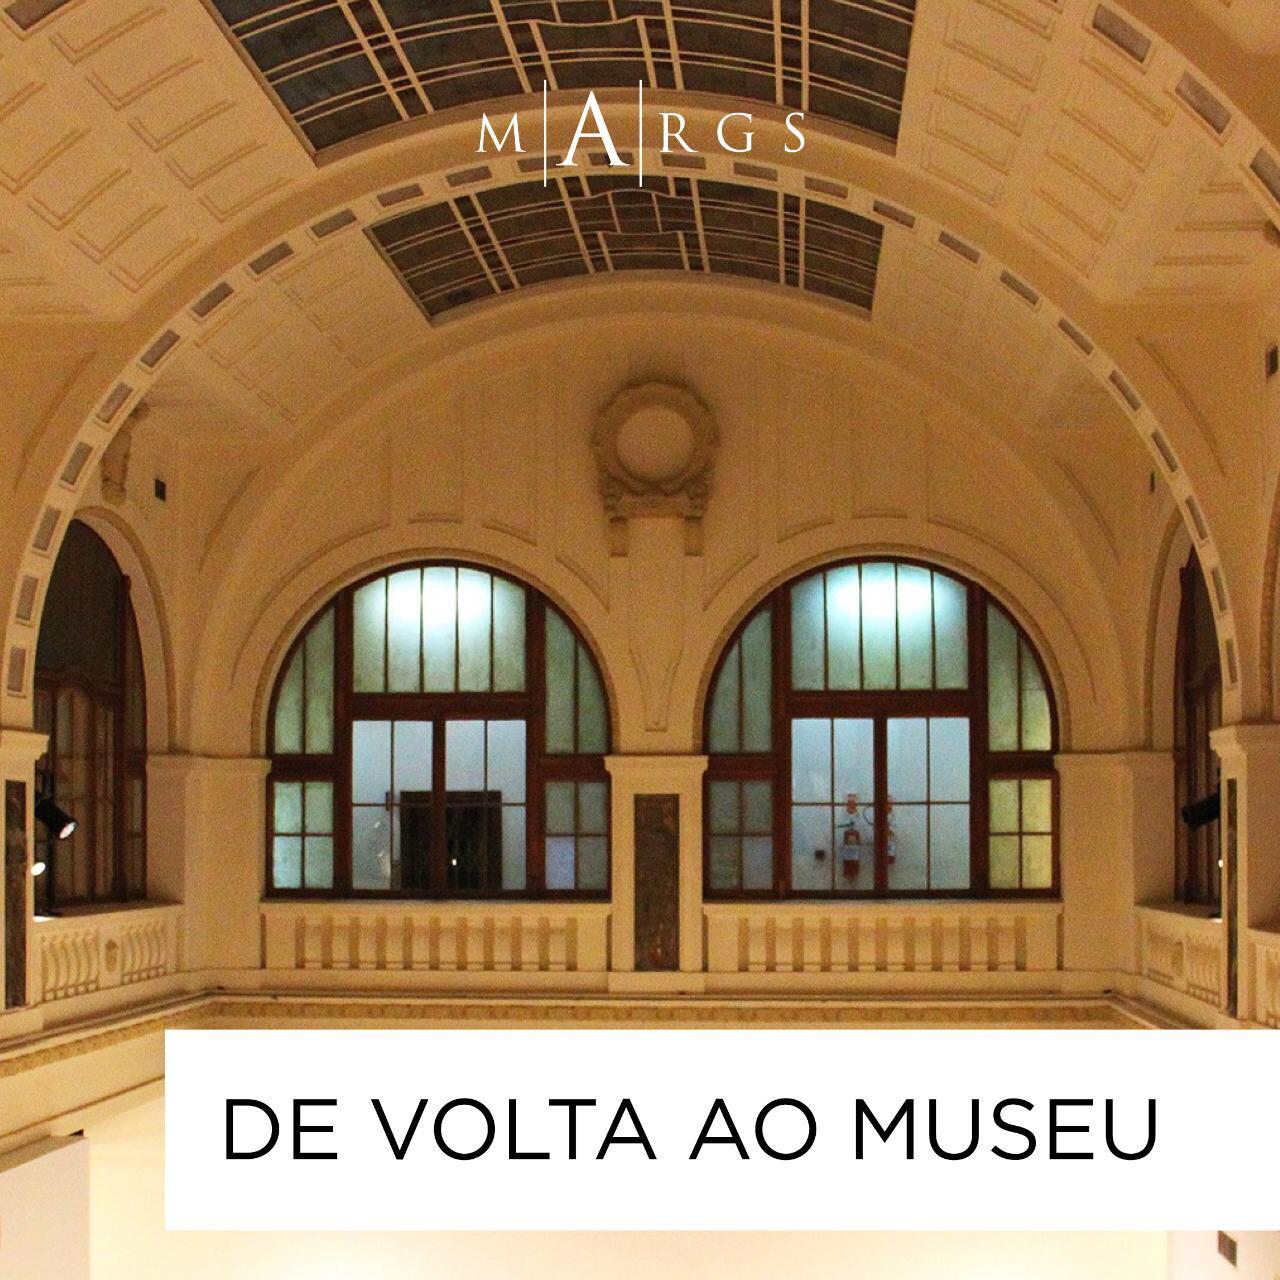 De volta ao museu